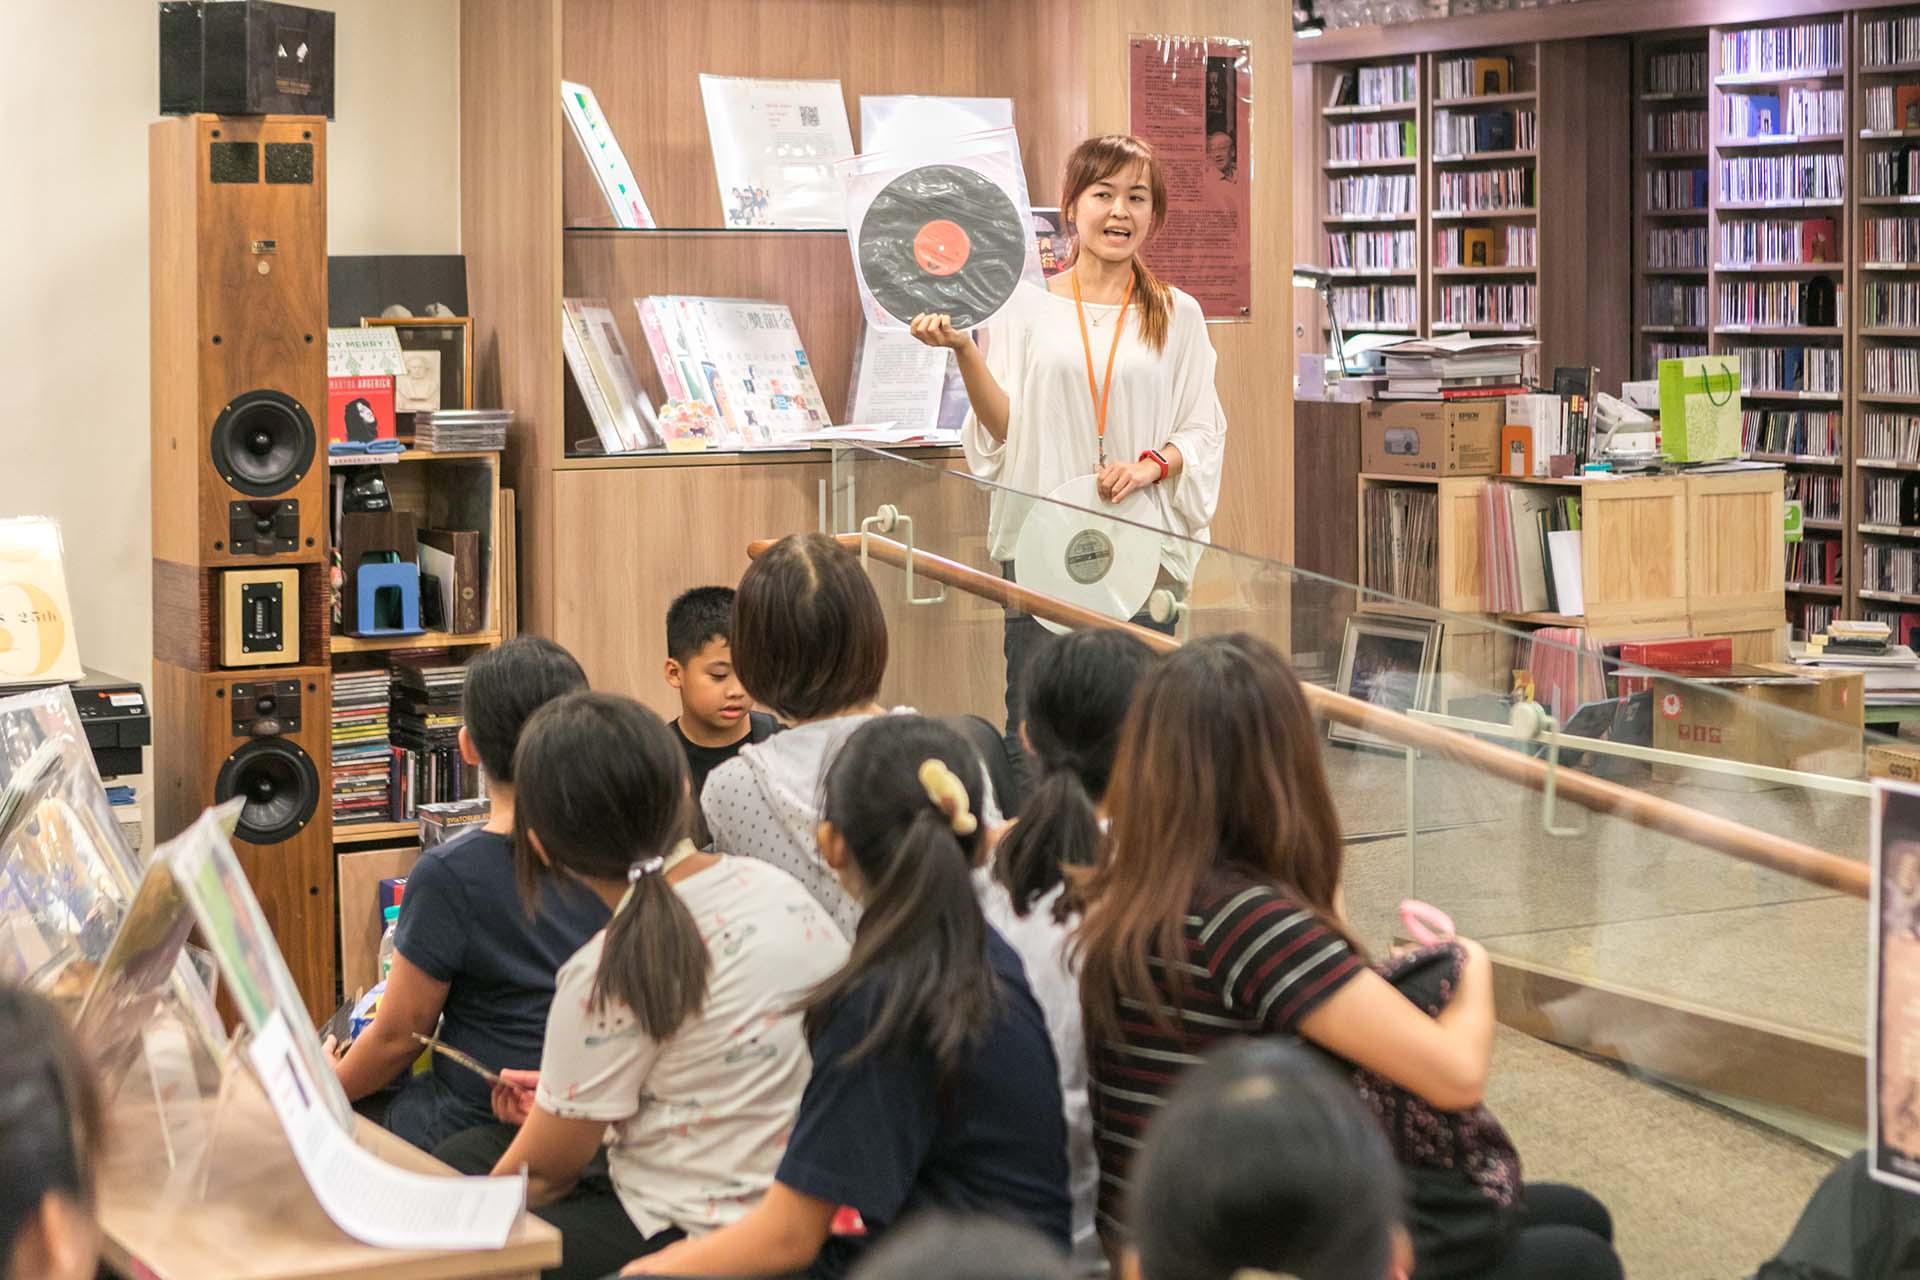 弓鞋國小師生對兩廳院表演藝術圖館七萬餘件經典黑膠唱片及古典CD唱片典藏深感好奇